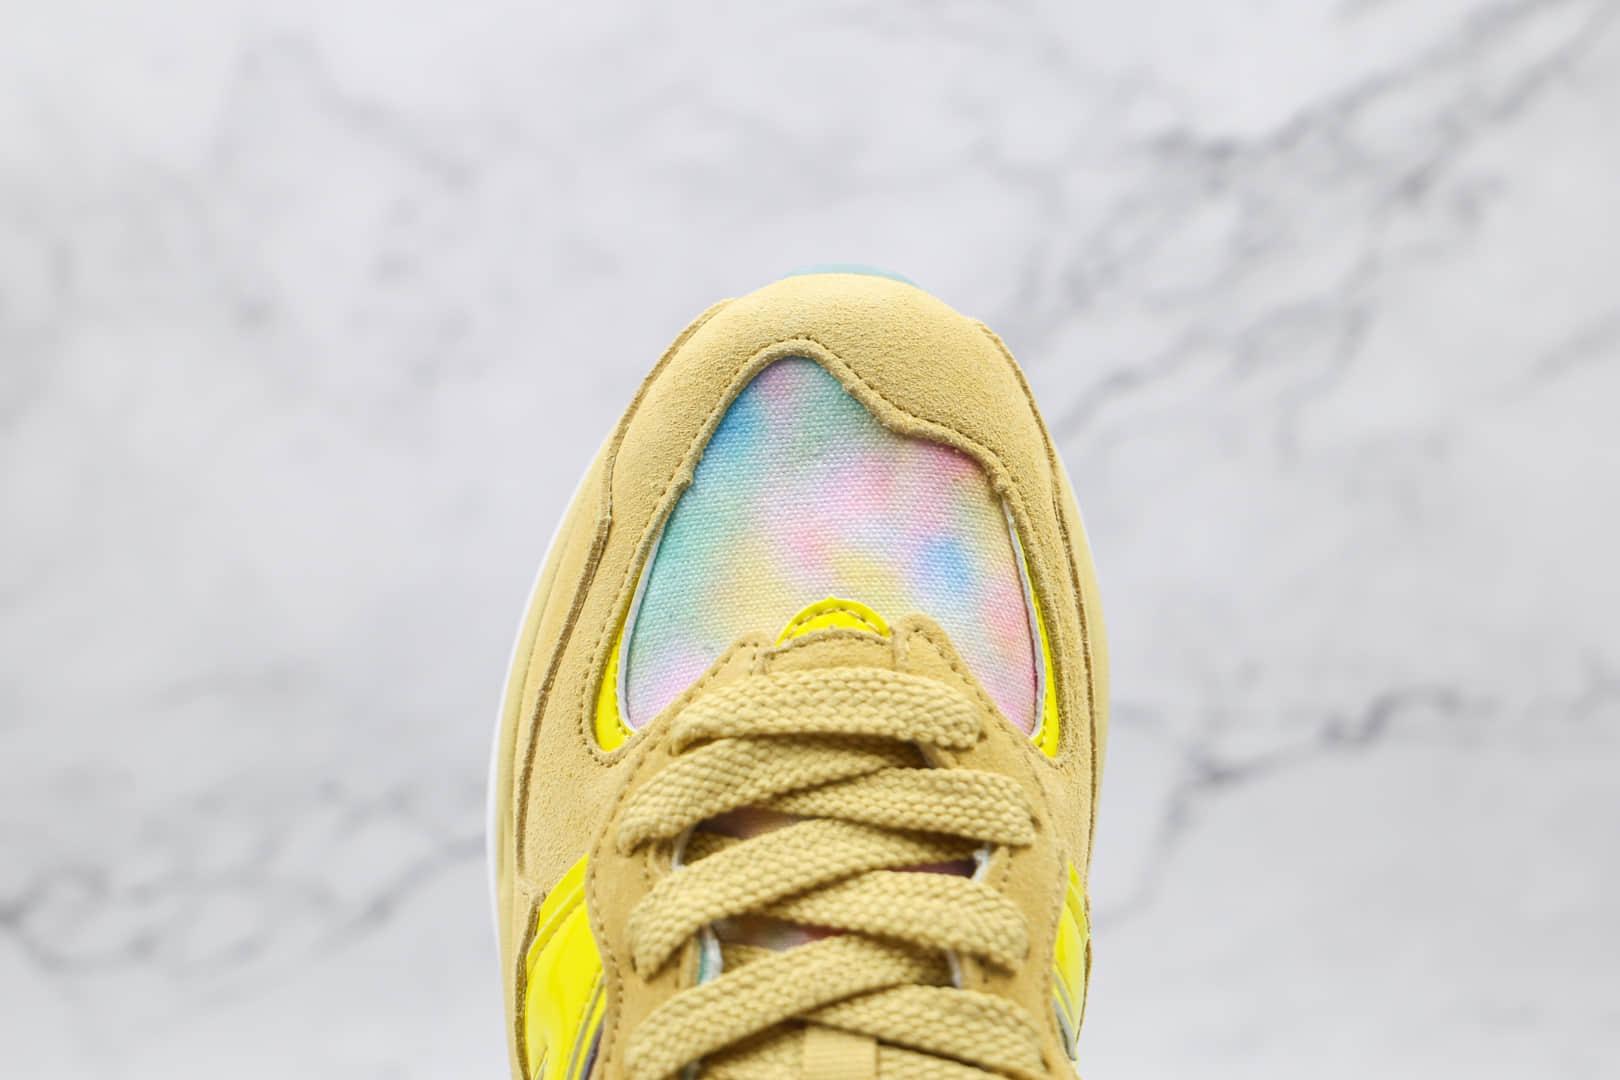 新百伦New Balance 5740纯原版本柠檬黄色NB5740复古老爹鞋原盒原标 货号:M5740LY